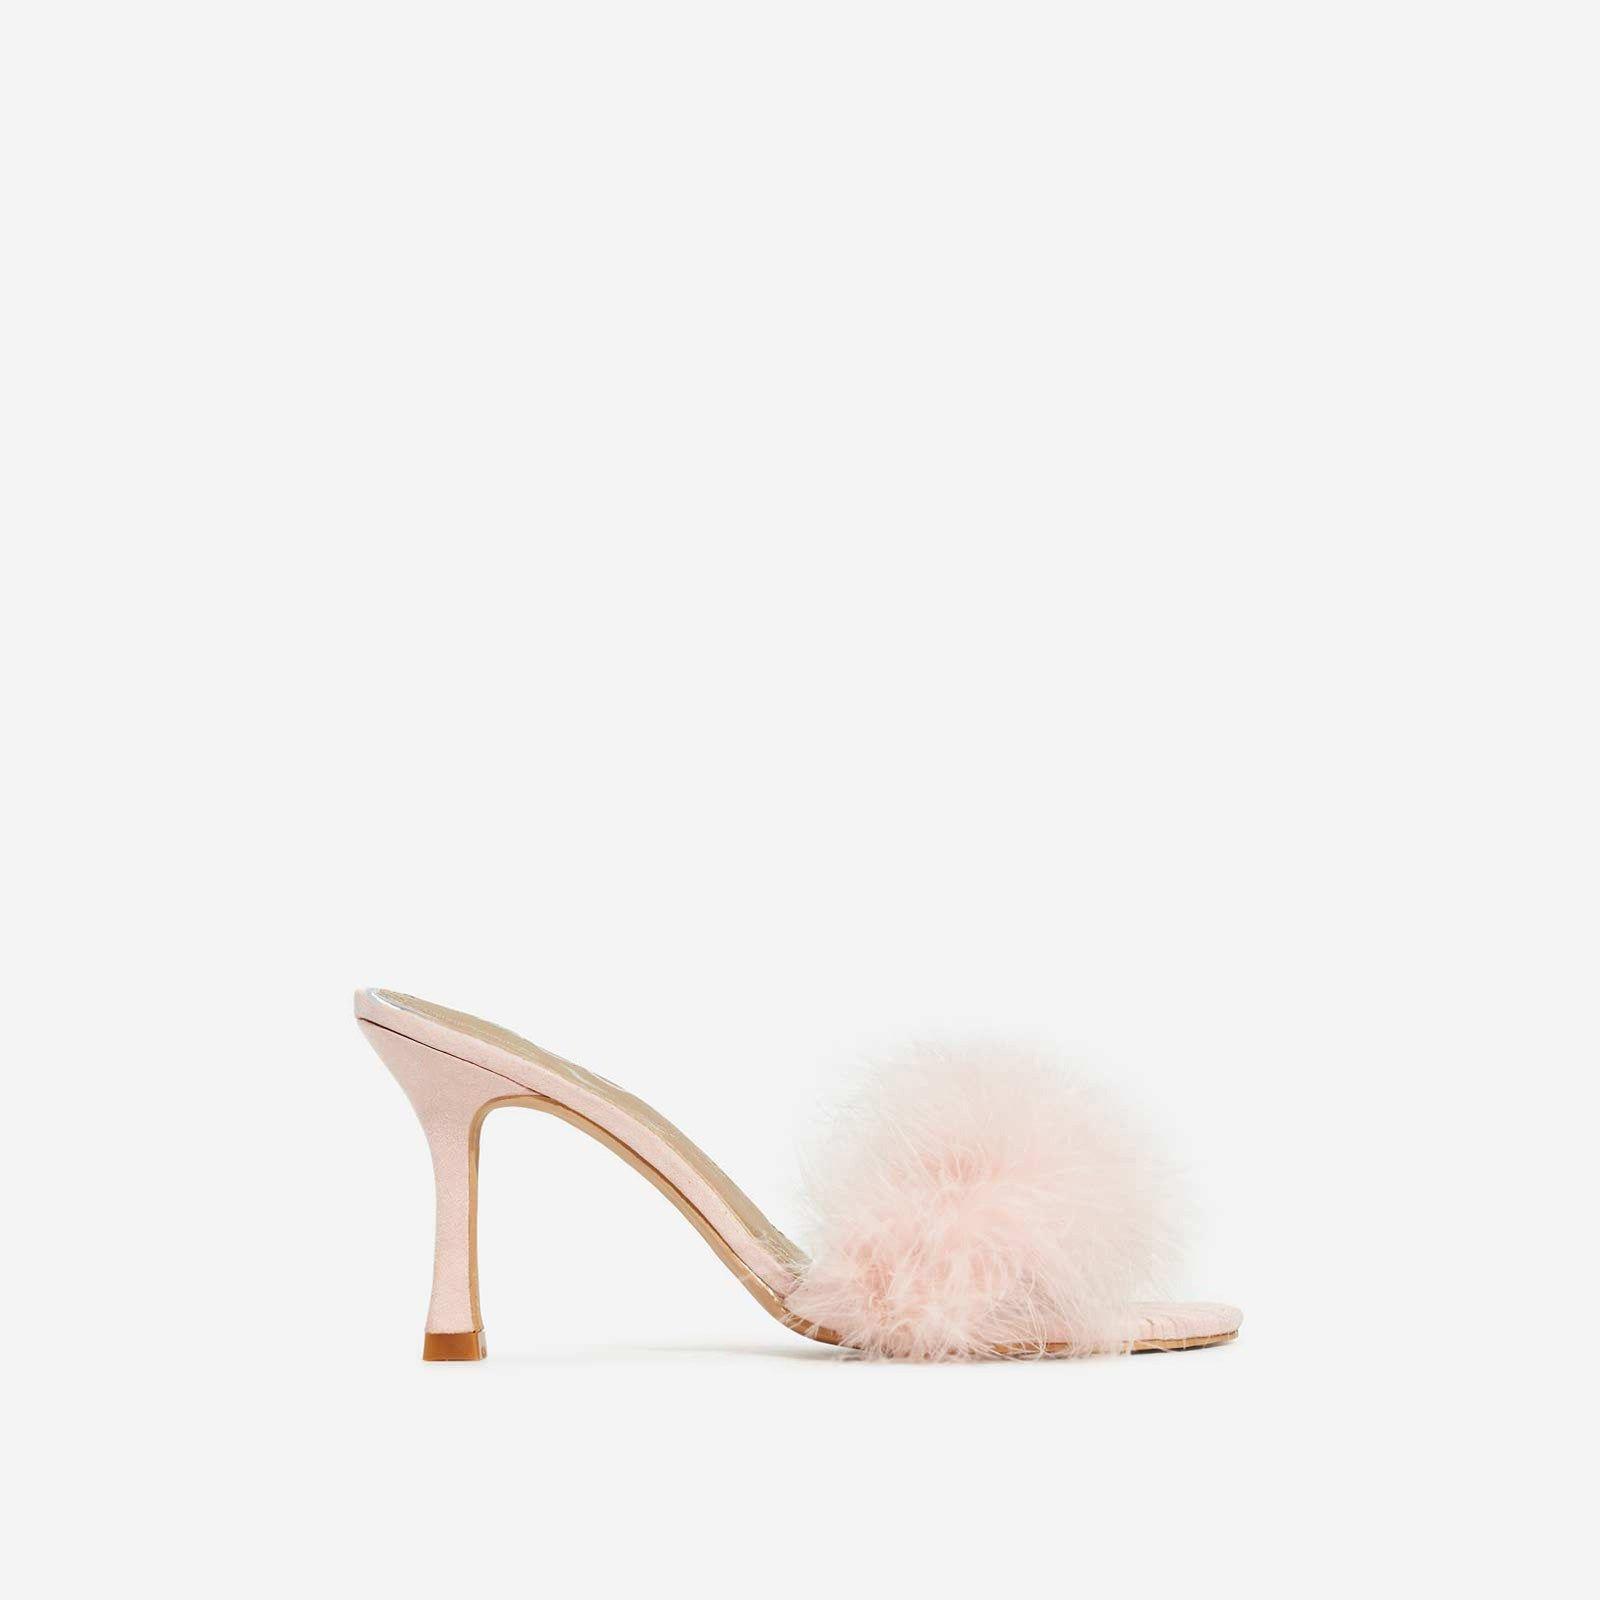 Fairydust Faux Feather Peep Toe Kitten Heel Mule In Pink Faux Suede Heeled Mules Kitten Heels Fluffy Shoes